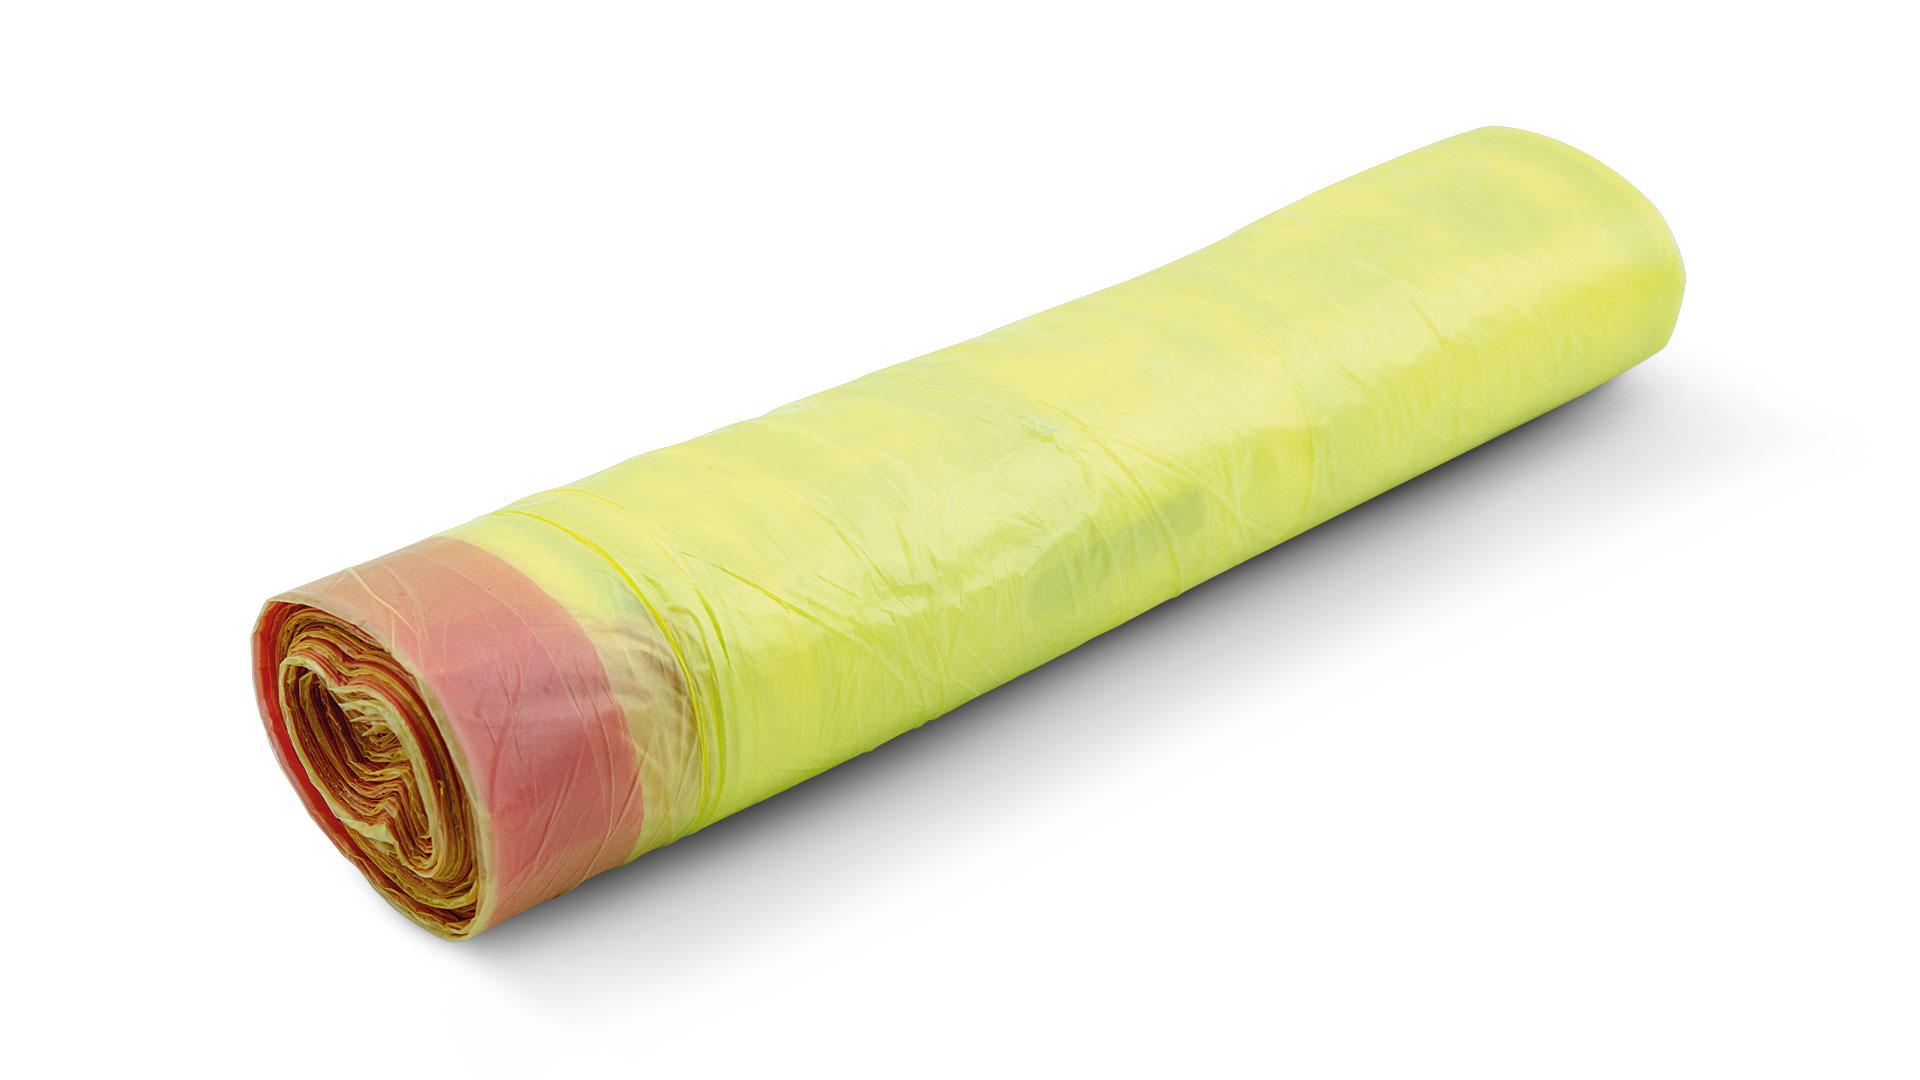 Wertstoffsäcke Gelber Sack Gelbe Säcke